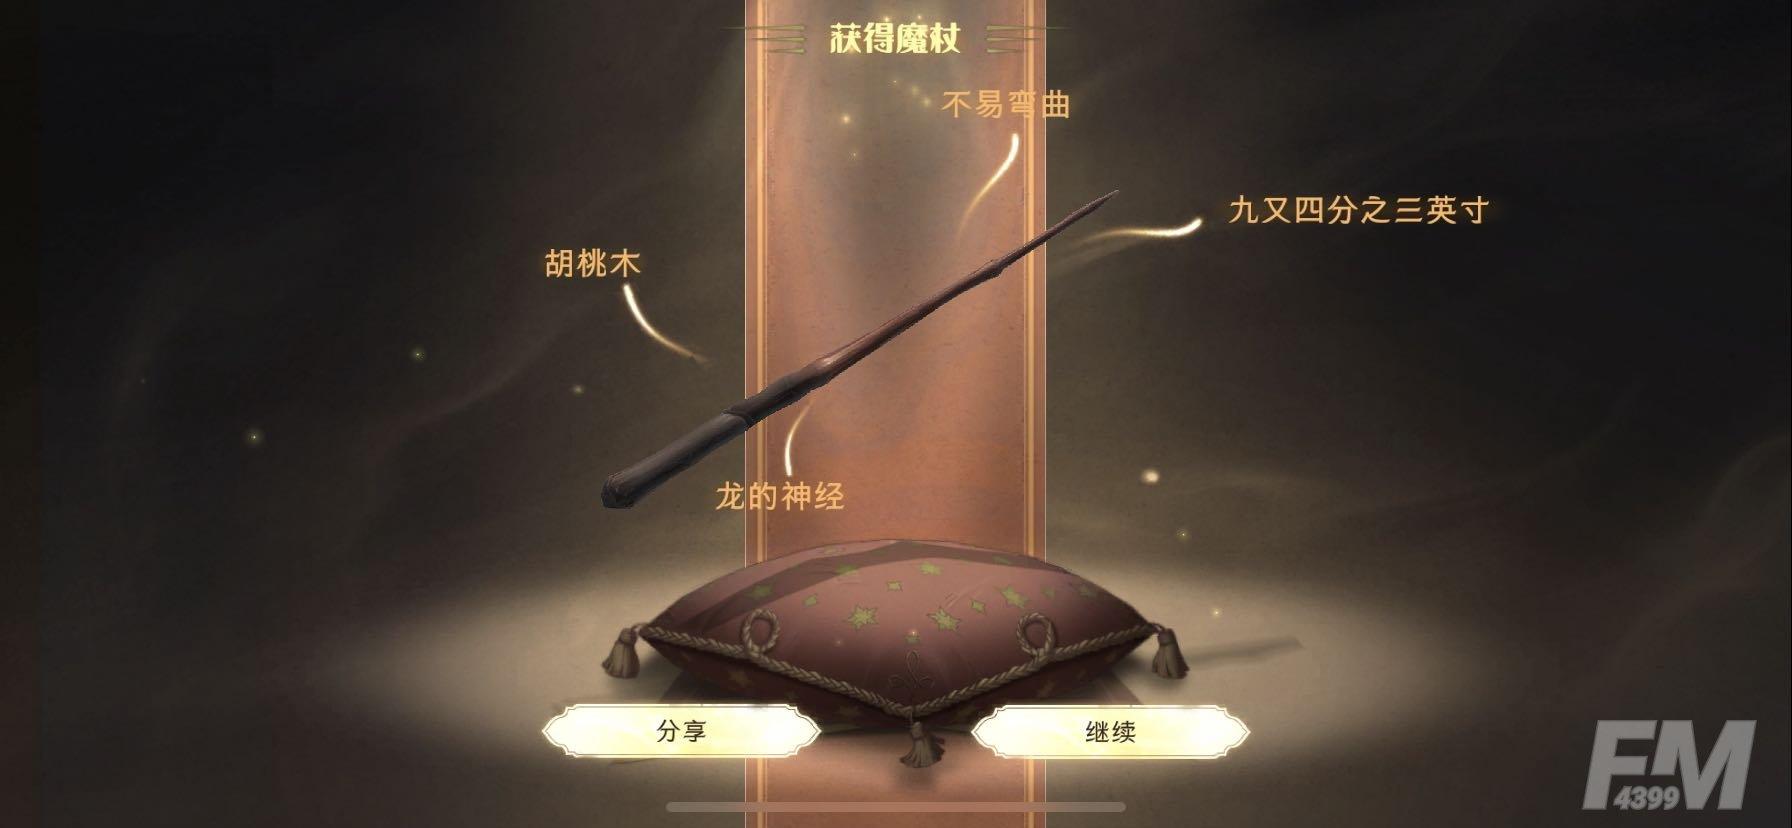 哈利波特魔法觉醒接骨木魔杖要多少钱 接骨木魔杖抽奖建议